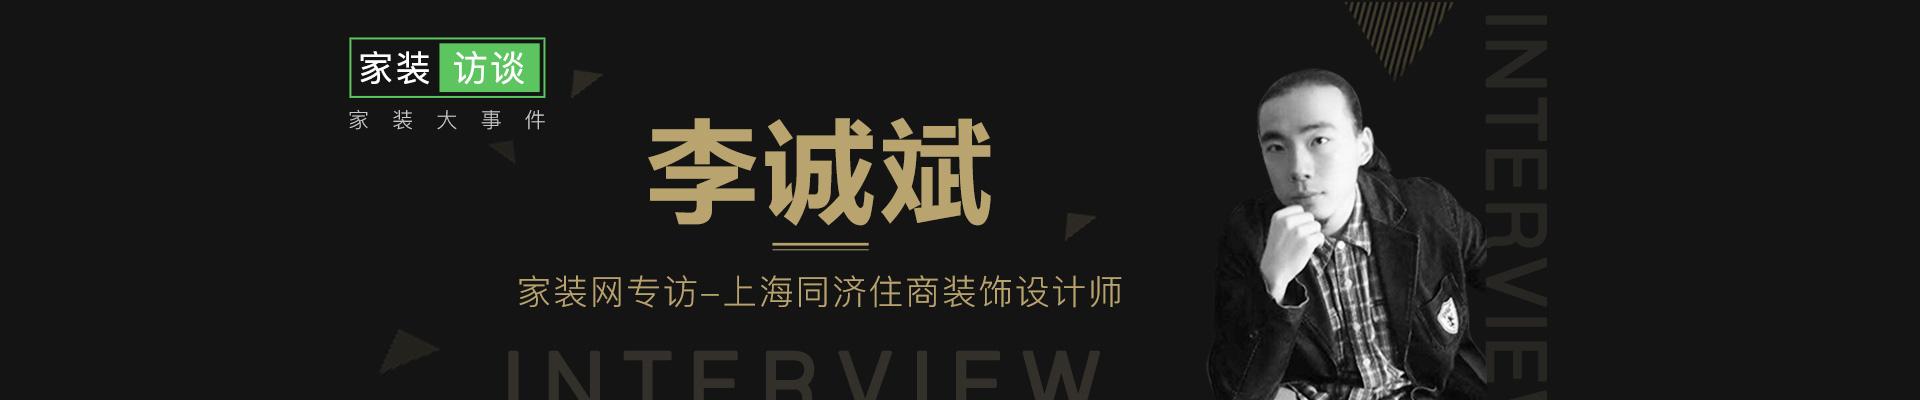 上海同济住商装饰设计师李诚斌